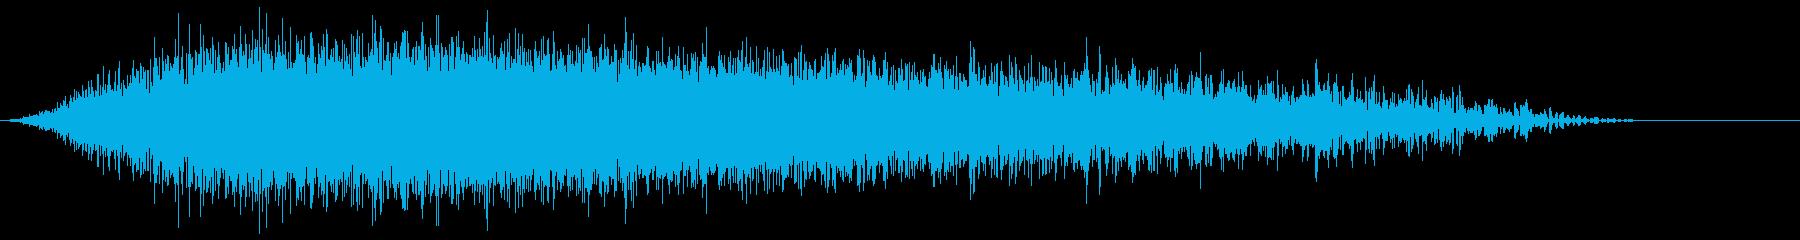 シューッという音EC07_72_2の再生済みの波形